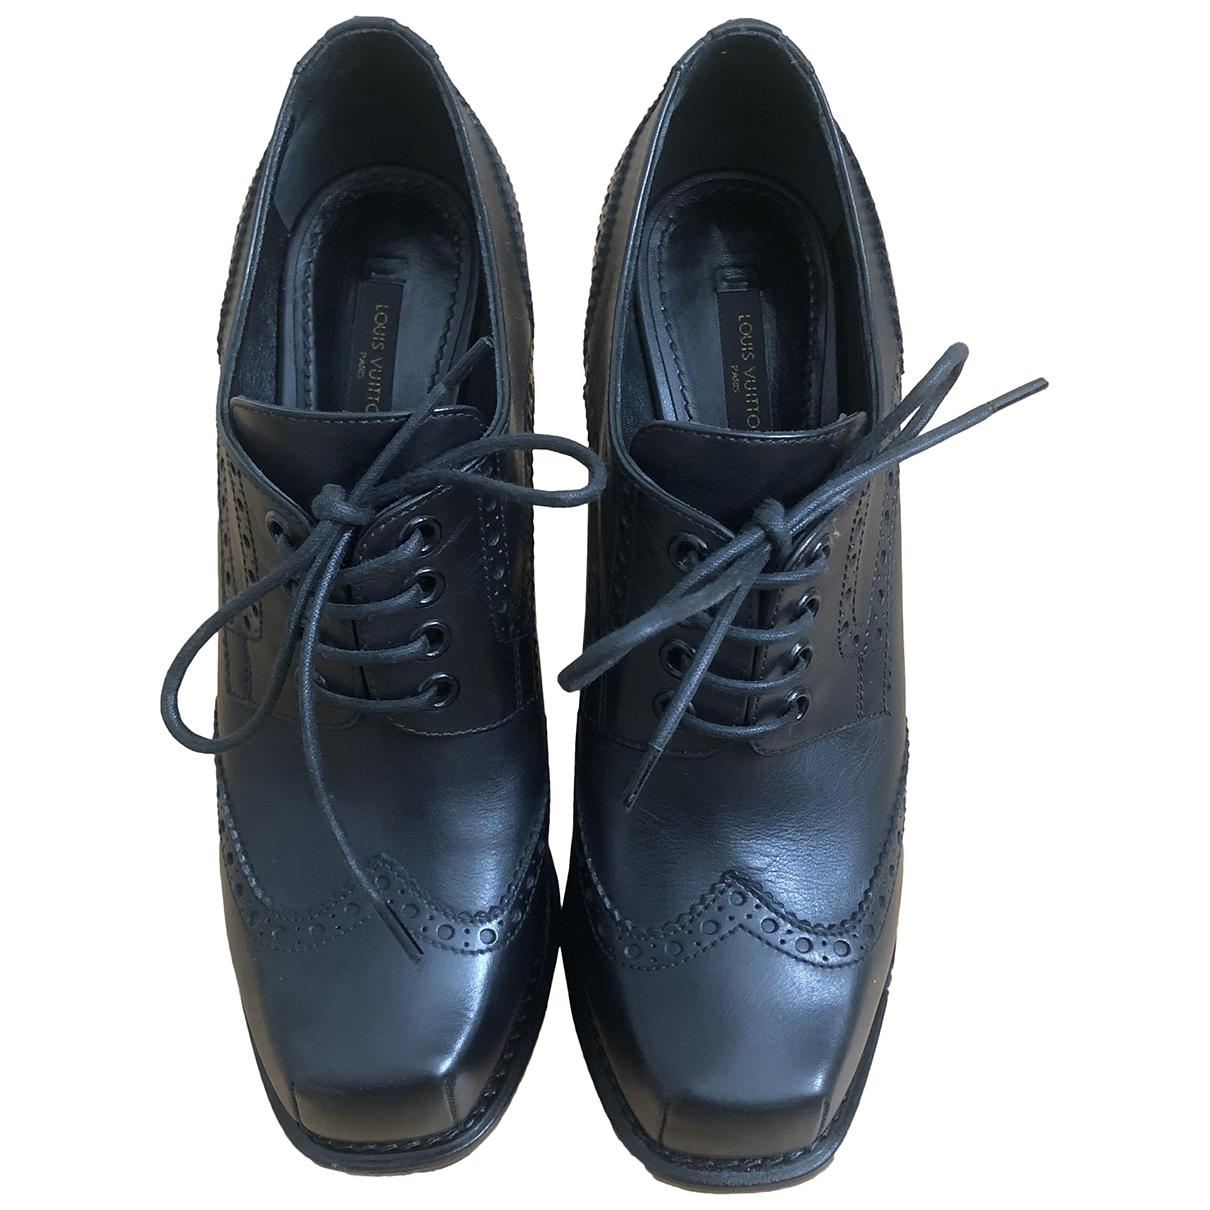 Louis Vuitton - Boots   pour femme en cuir - noir